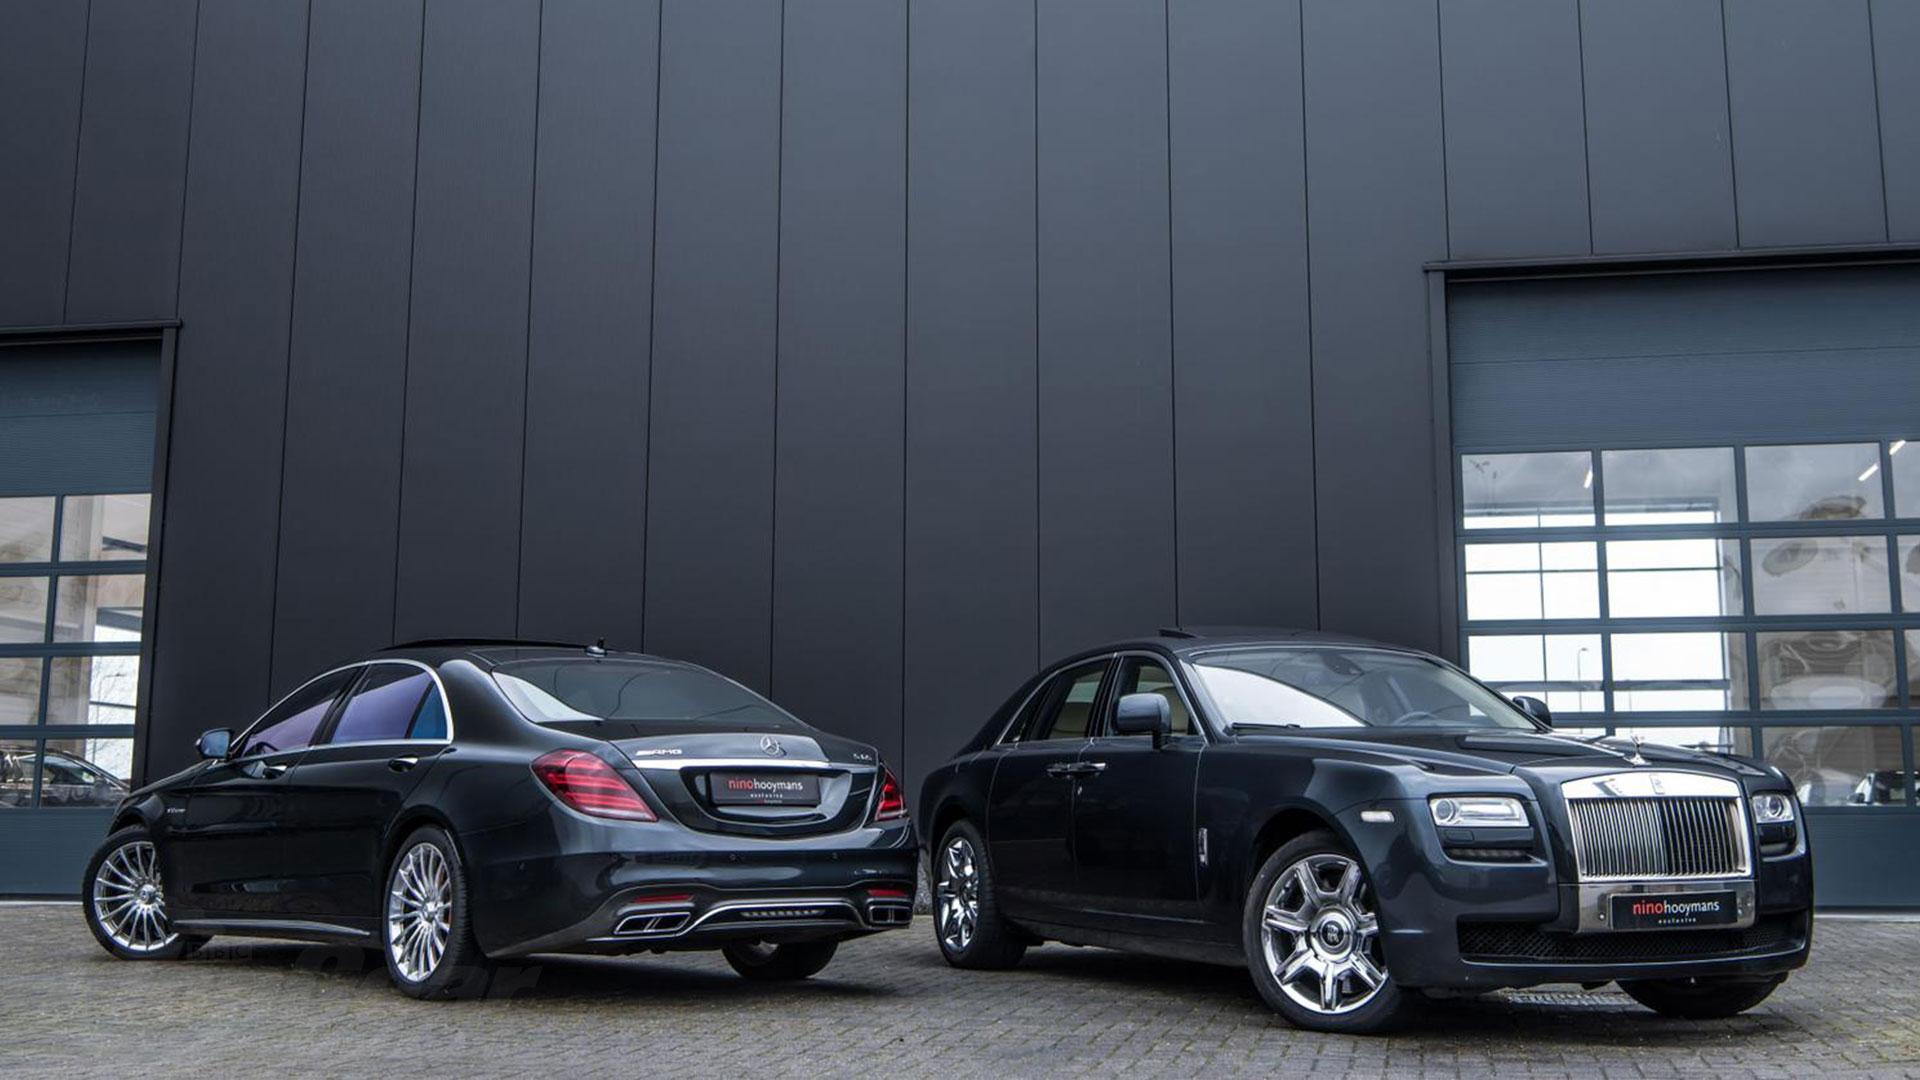 Rolls-Royce Ghost Michael van Gerwen